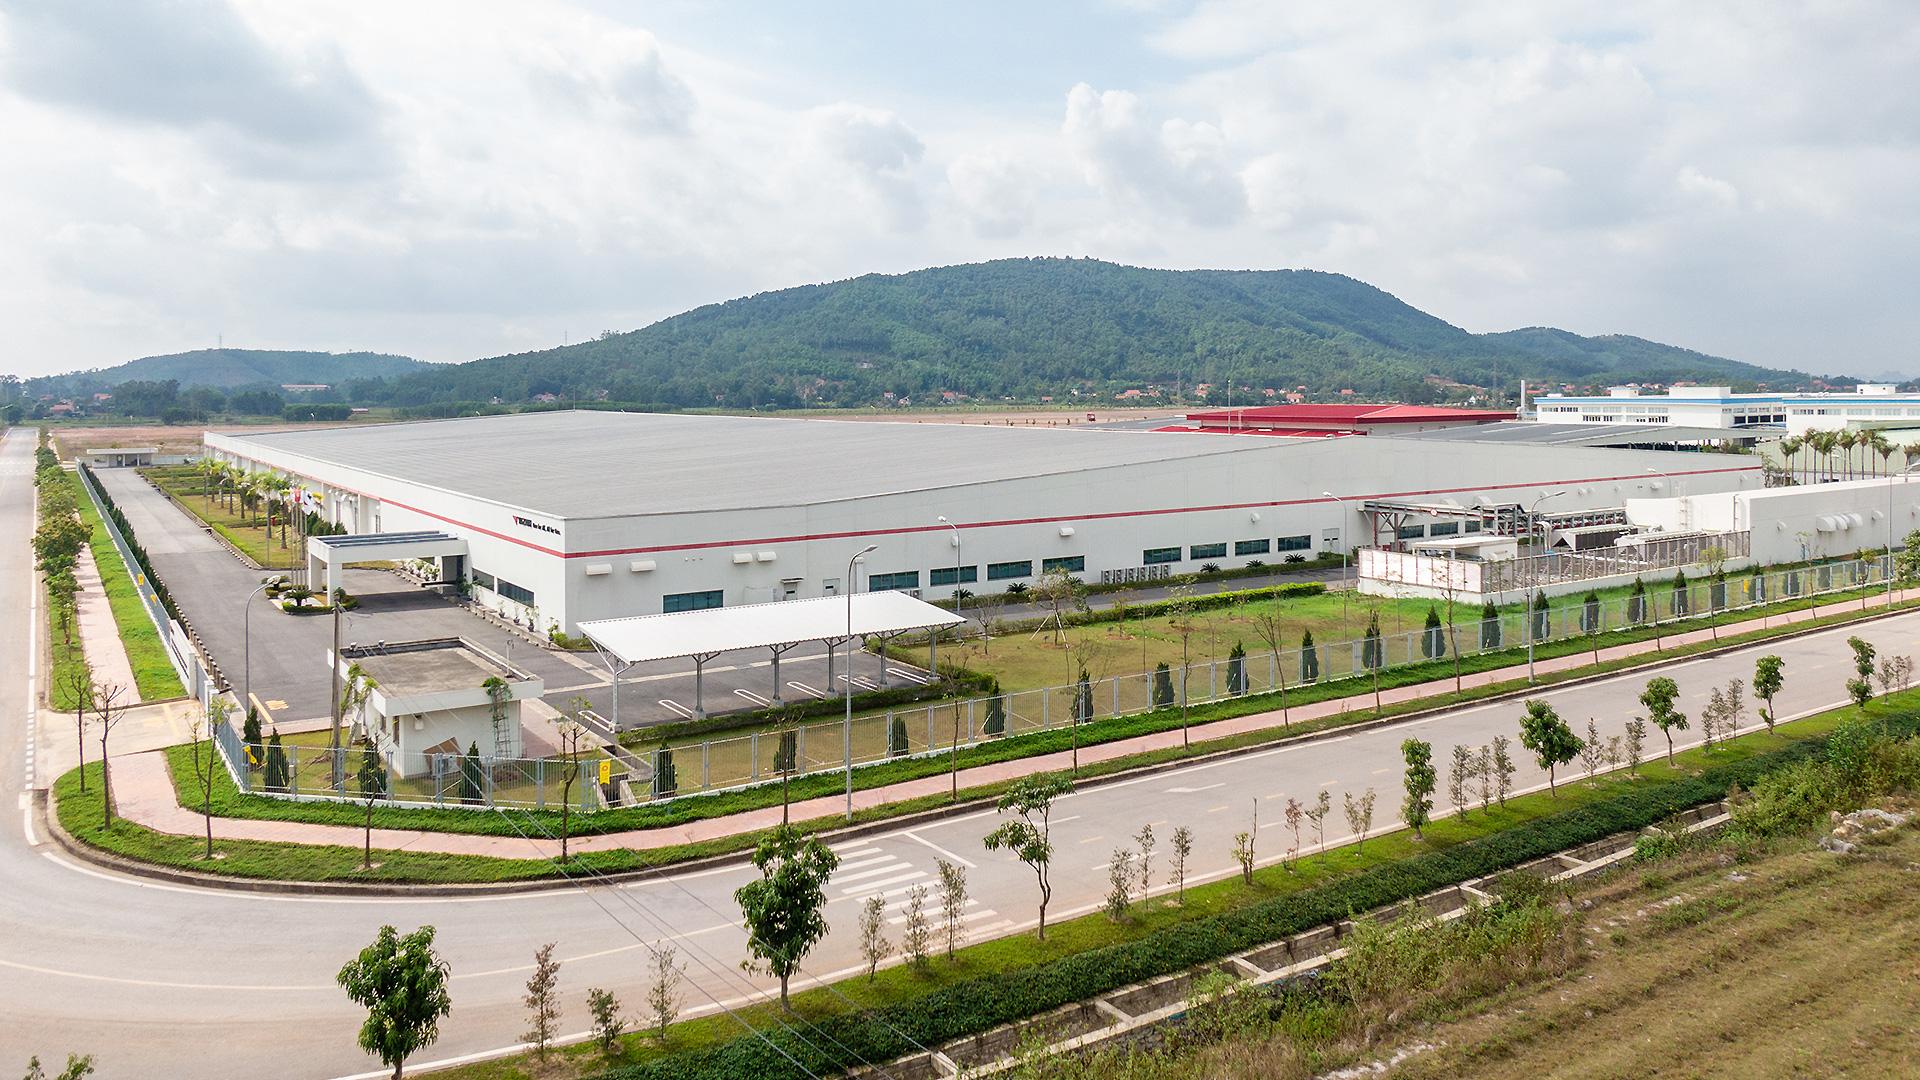 Khu công nghiệp Đông Mai của Viglacera đón thêm 160 triệu USD vốn FDI - Ảnh 1.